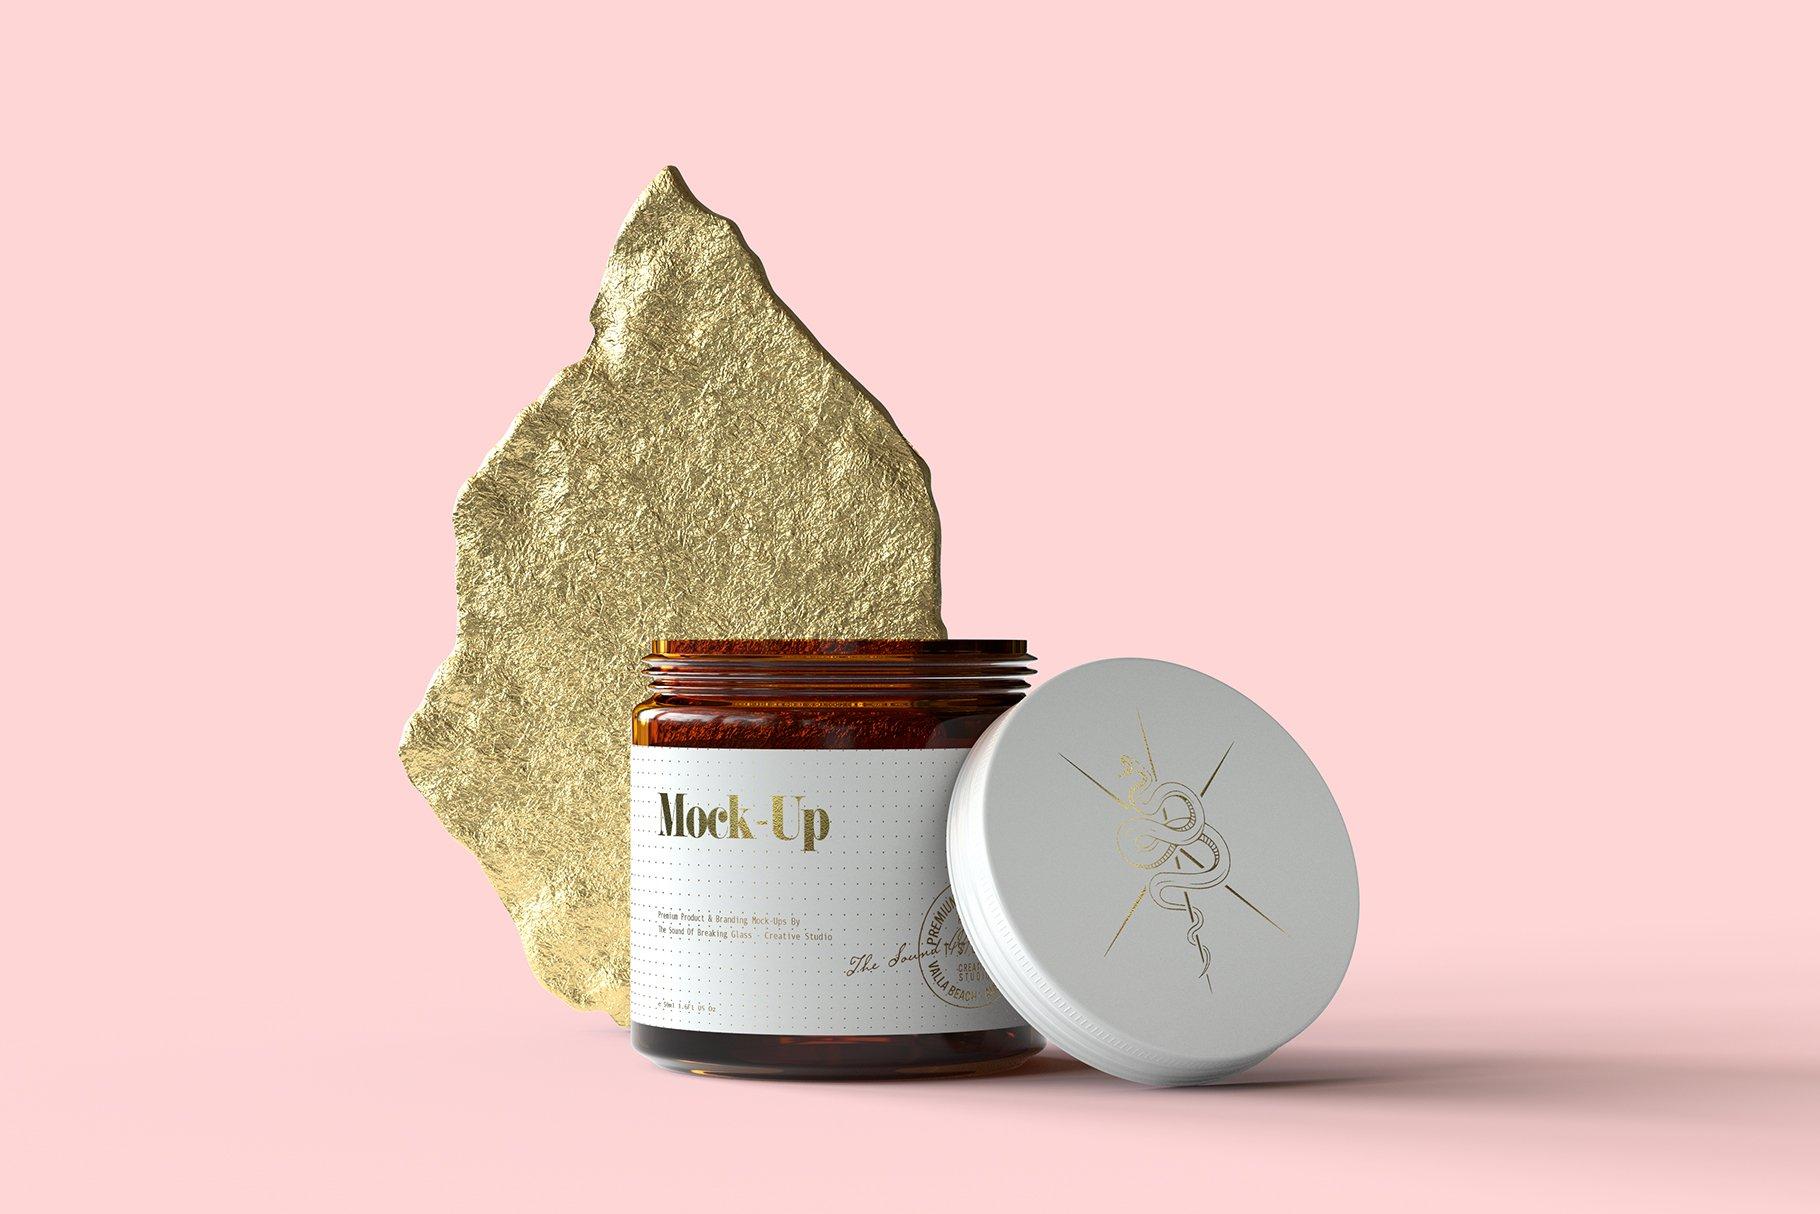 6款棕色化妆品玻璃罐包装盒设计展示样机 Amber Glass Jar & Box Mockup Vol.2插图(6)